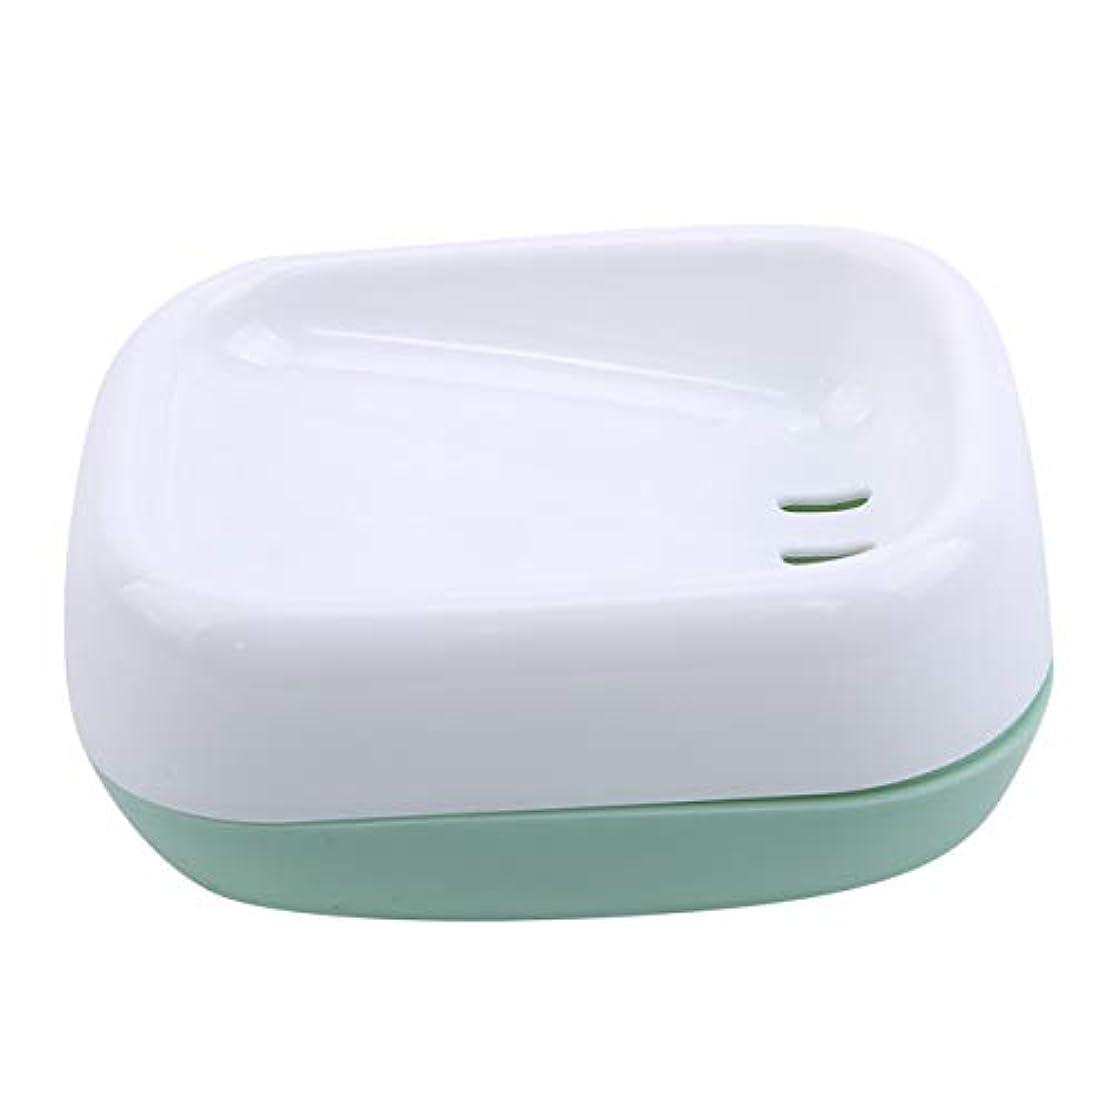 地殻時折ファブリックZALINGソープディッシュボックス浴室プラスチック二重層衛生的なシンプル排水コンテナソープディッシュグリーン